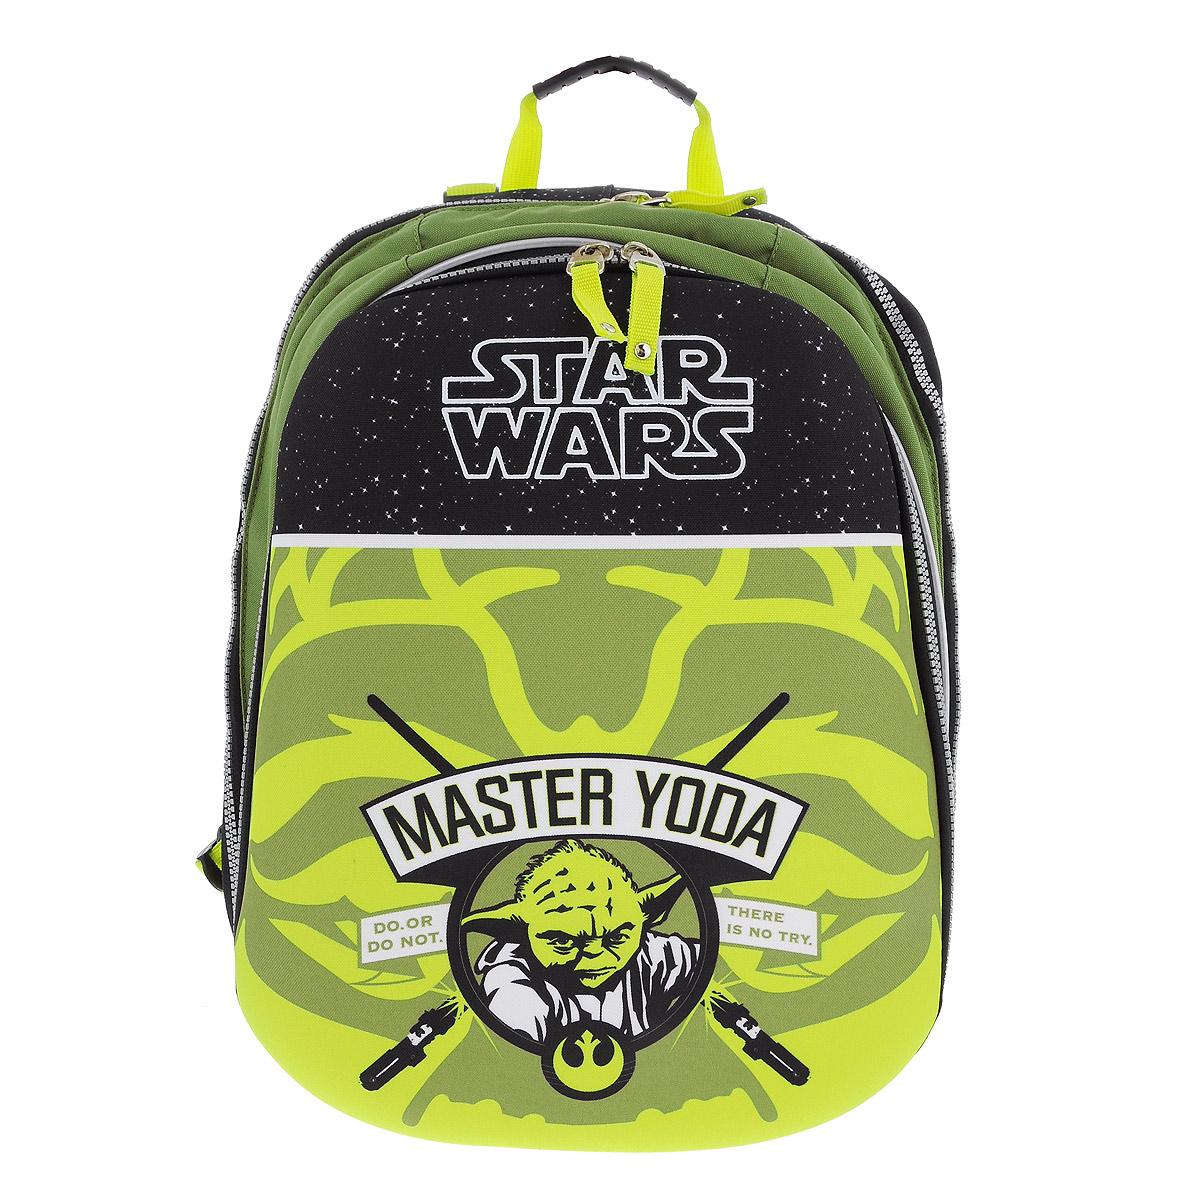 Рюкзак Star Wars Master Yoda, цвет: зеленый, черный. 37474_Master Yoda37474_Master YodaРюкзак Star Wars Master Yodaбудет отличным подарком поклонникам вселенной Star Wars! Рюкзак выполнен из полиэстера зеленого и черного цветов и оформлен оригинальным рисунком с изображением Мастера Йоды. Рюкзак оснащен одним основным отделением, закрывающимся на застежку-молнию. На внешней стороне расположен вместительный накладной карман на застежке-молнии, содержащий шесть накладных кармашков, а также два кармашка для ручек и карандашей. Рюкзак оснащен мягкими плечевыми лямками, мягкой спинкой с сетчатой поверхностью и текстильной ручкой для удобной переноски.